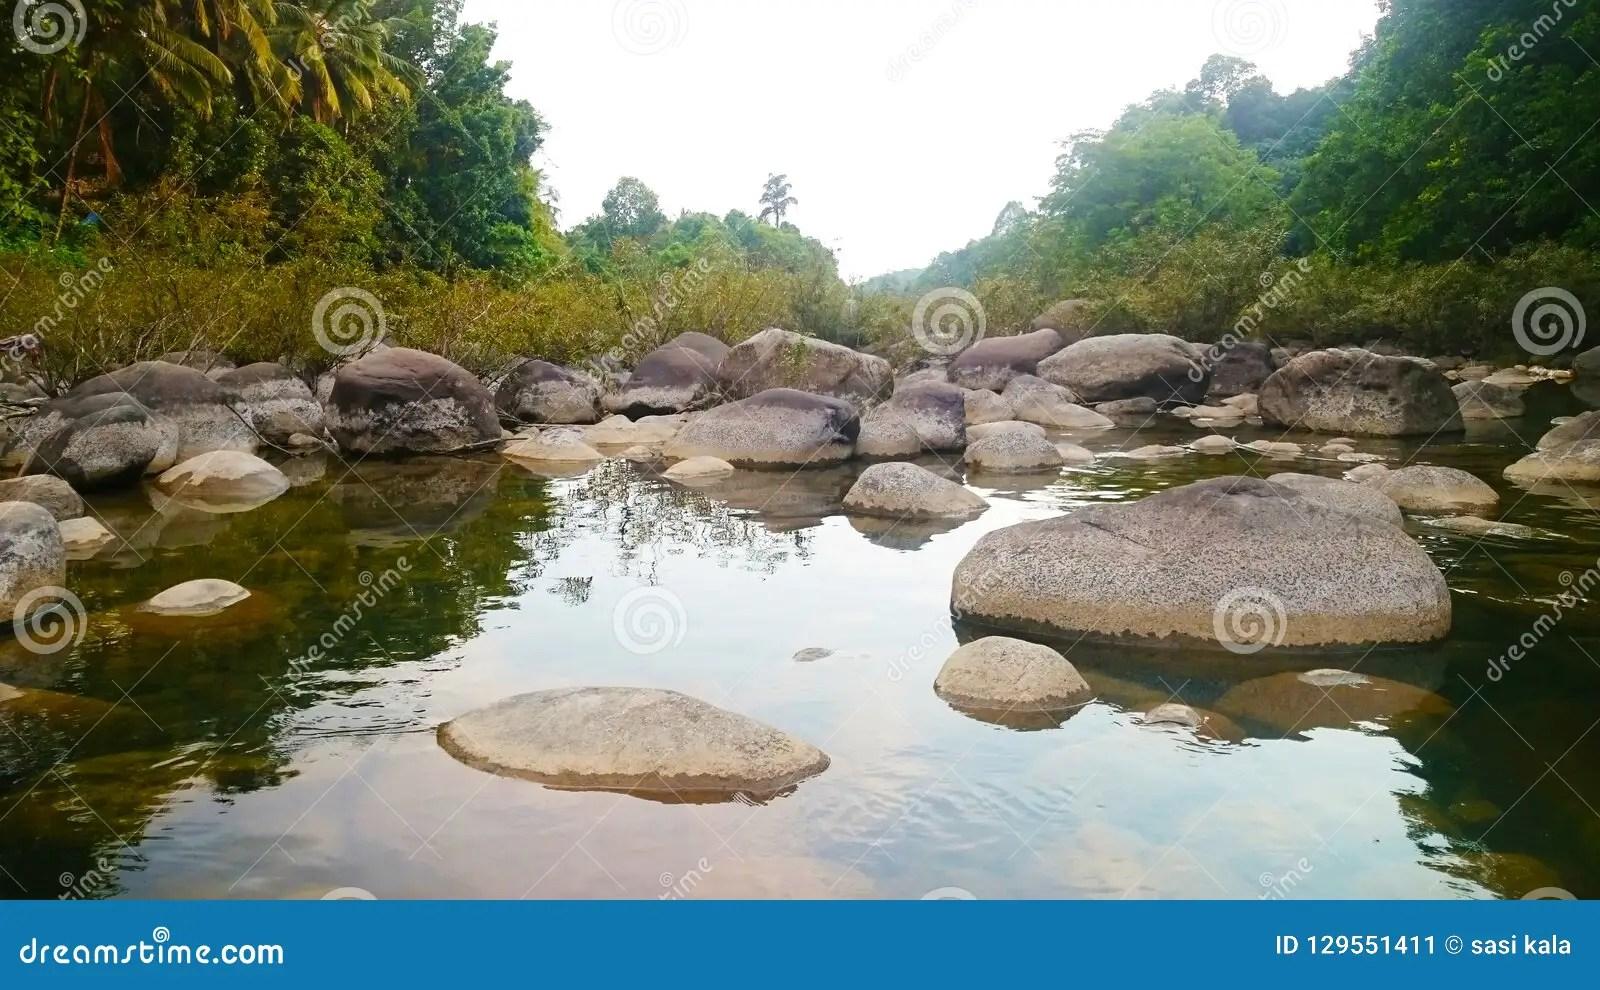 good scenery landscape rock